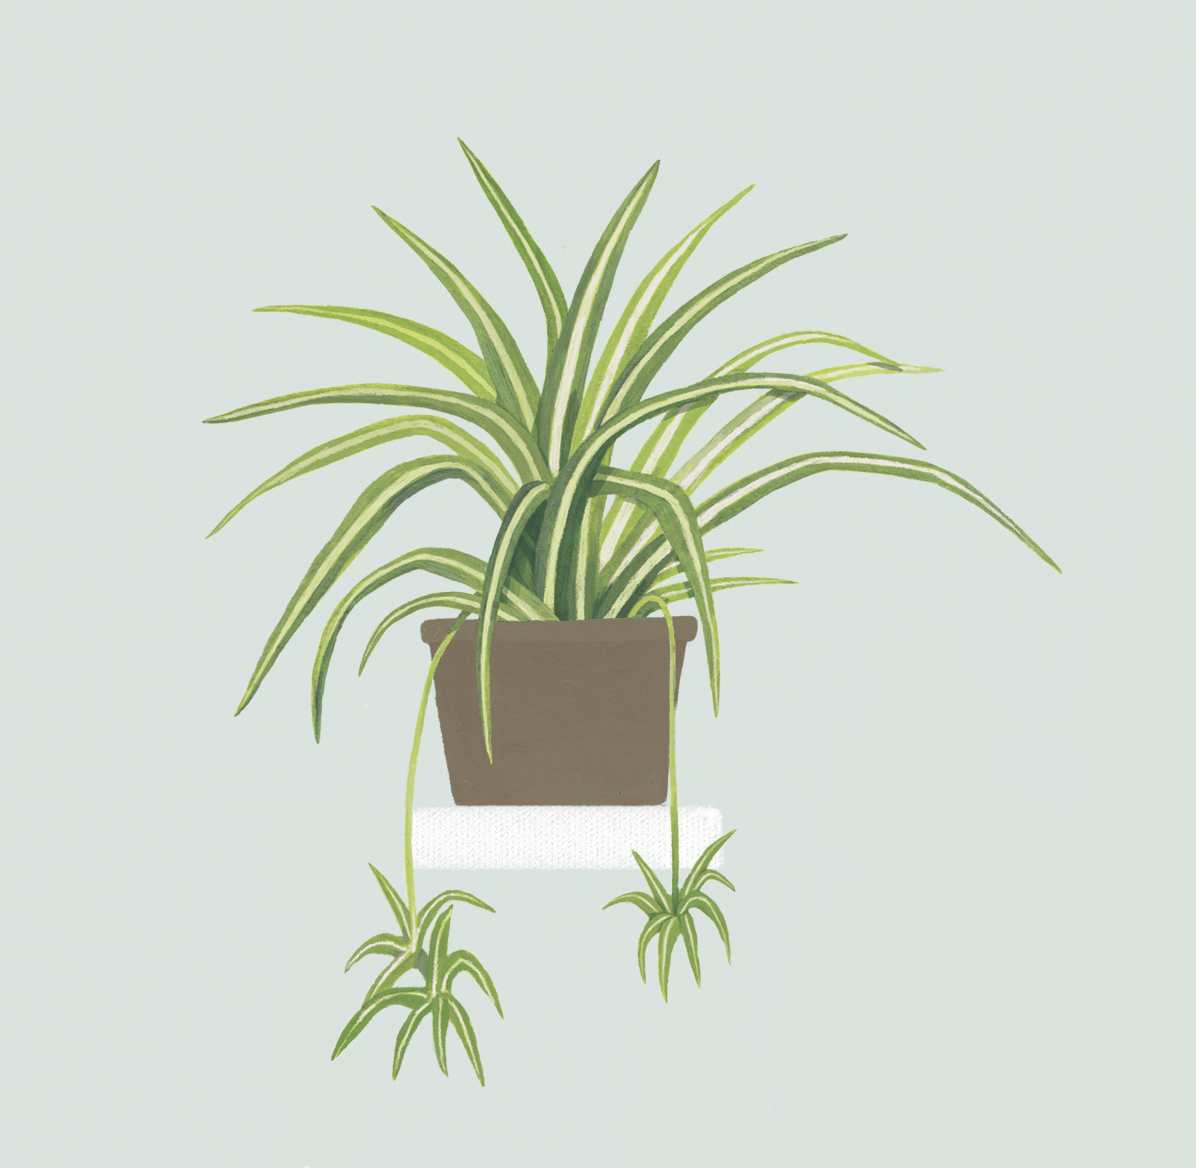 15 plantas que aportar n bienestar y salud a tu casa for Plantas de interior lidl